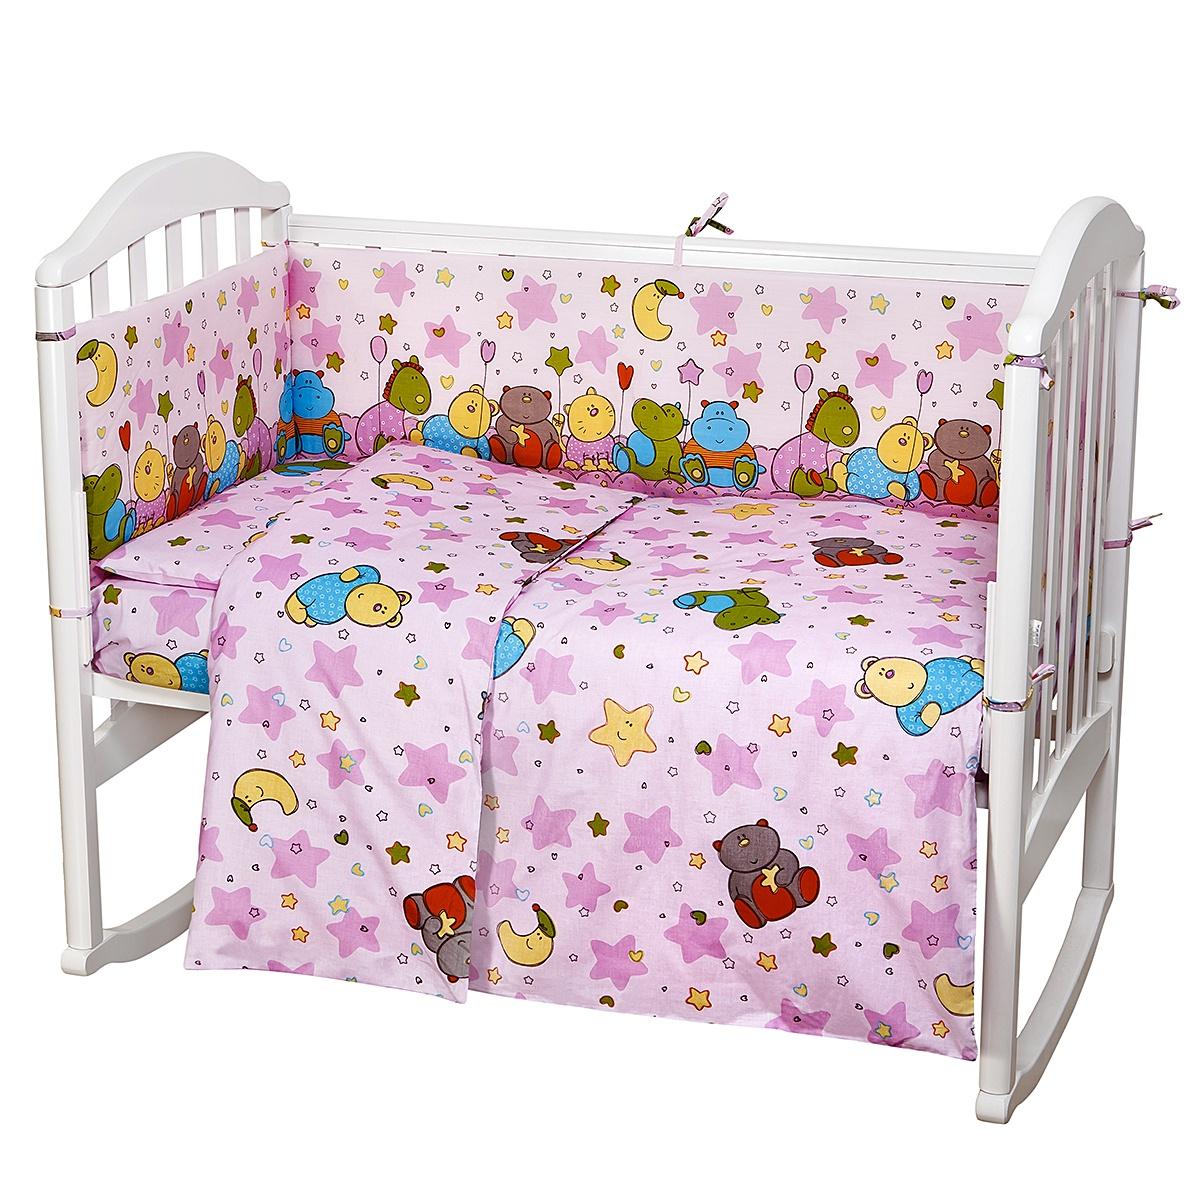 """Комплект в кроватку Споки Ноки """"Звездопад"""", H13/11RO, розовый, 6 предметов"""